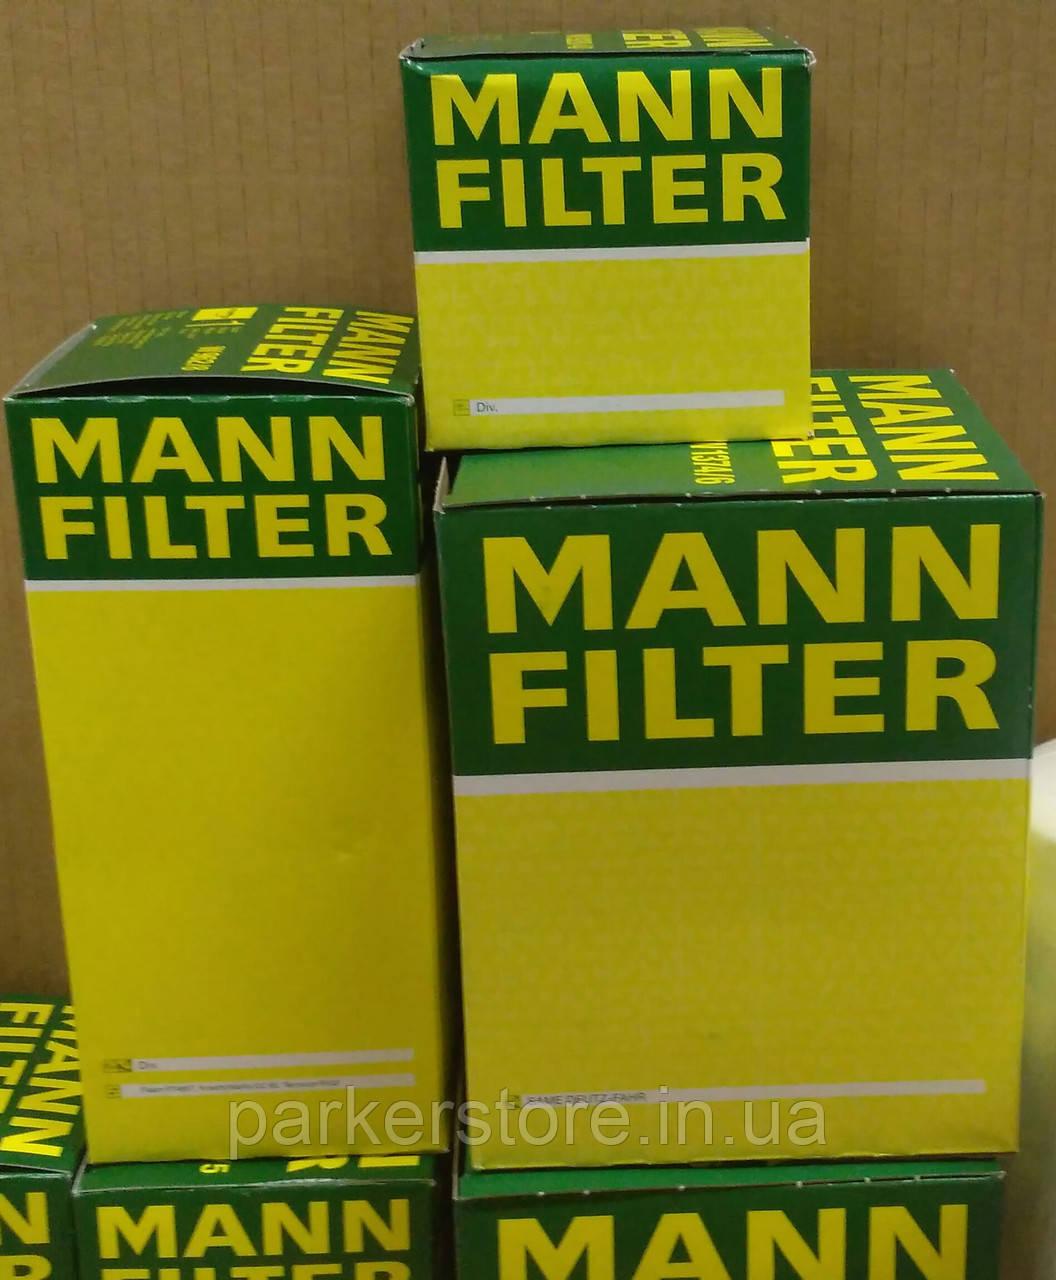 MANN FILTER / Повітряний фільтр / C 2421 / C2421